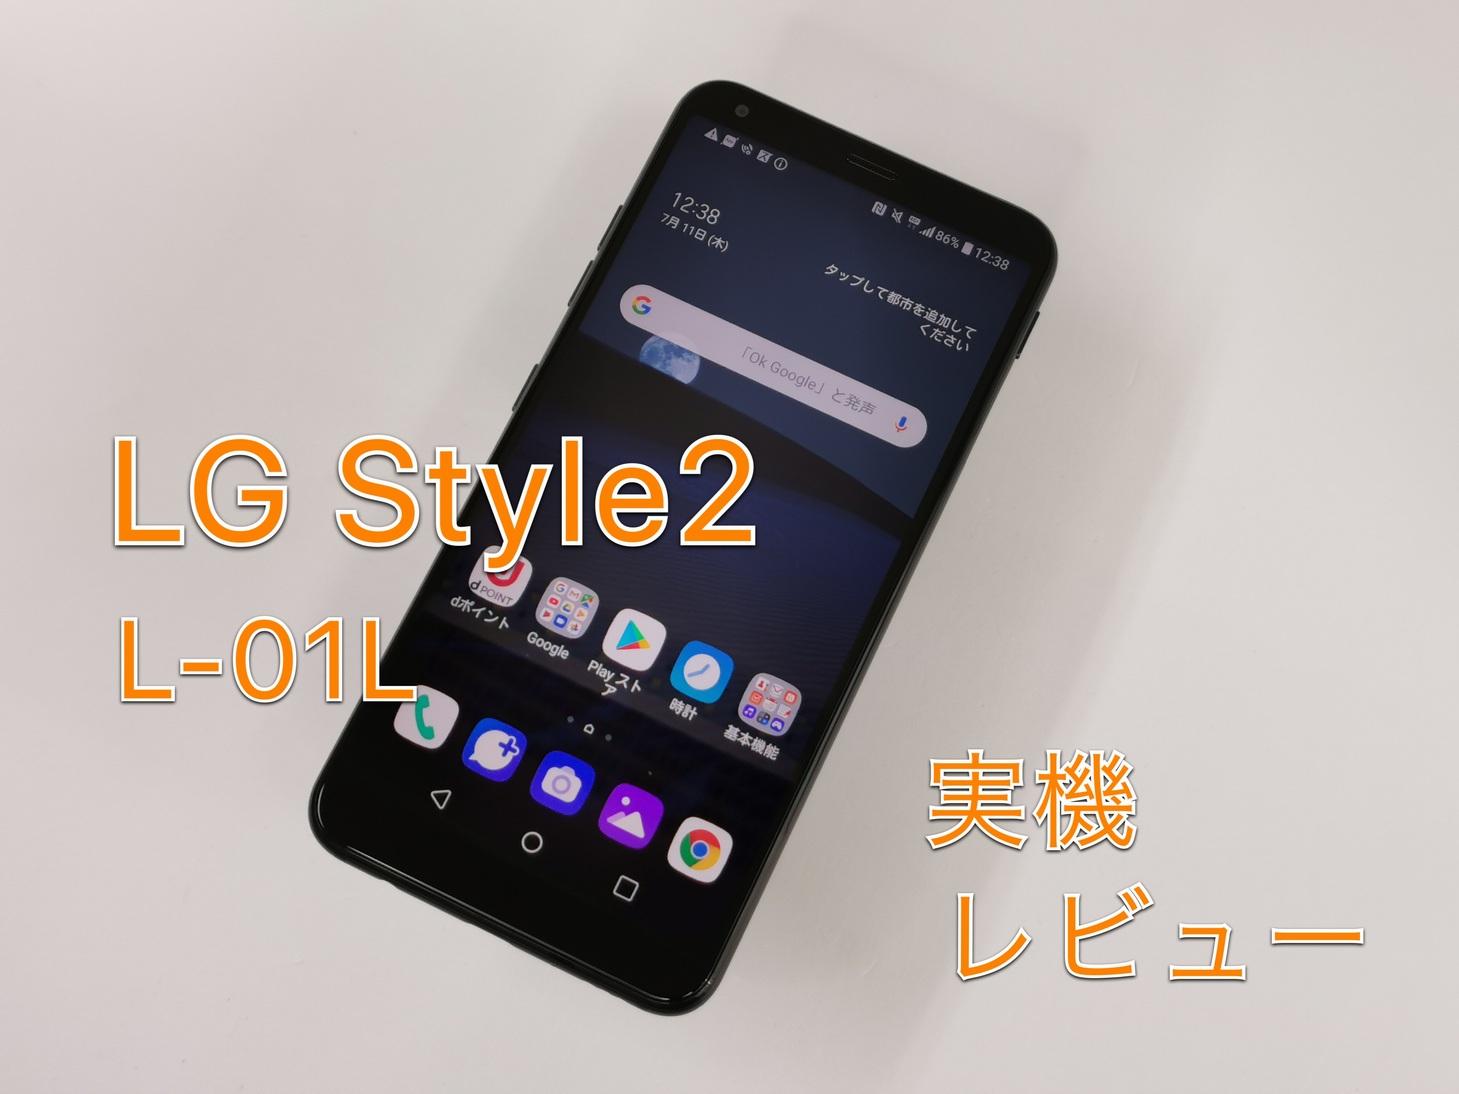 LG Syle2 L-01L レビュー 大画面/DAC/広角カメラなどエンタメ方面を38,016円で楽しめるドコモスマホ